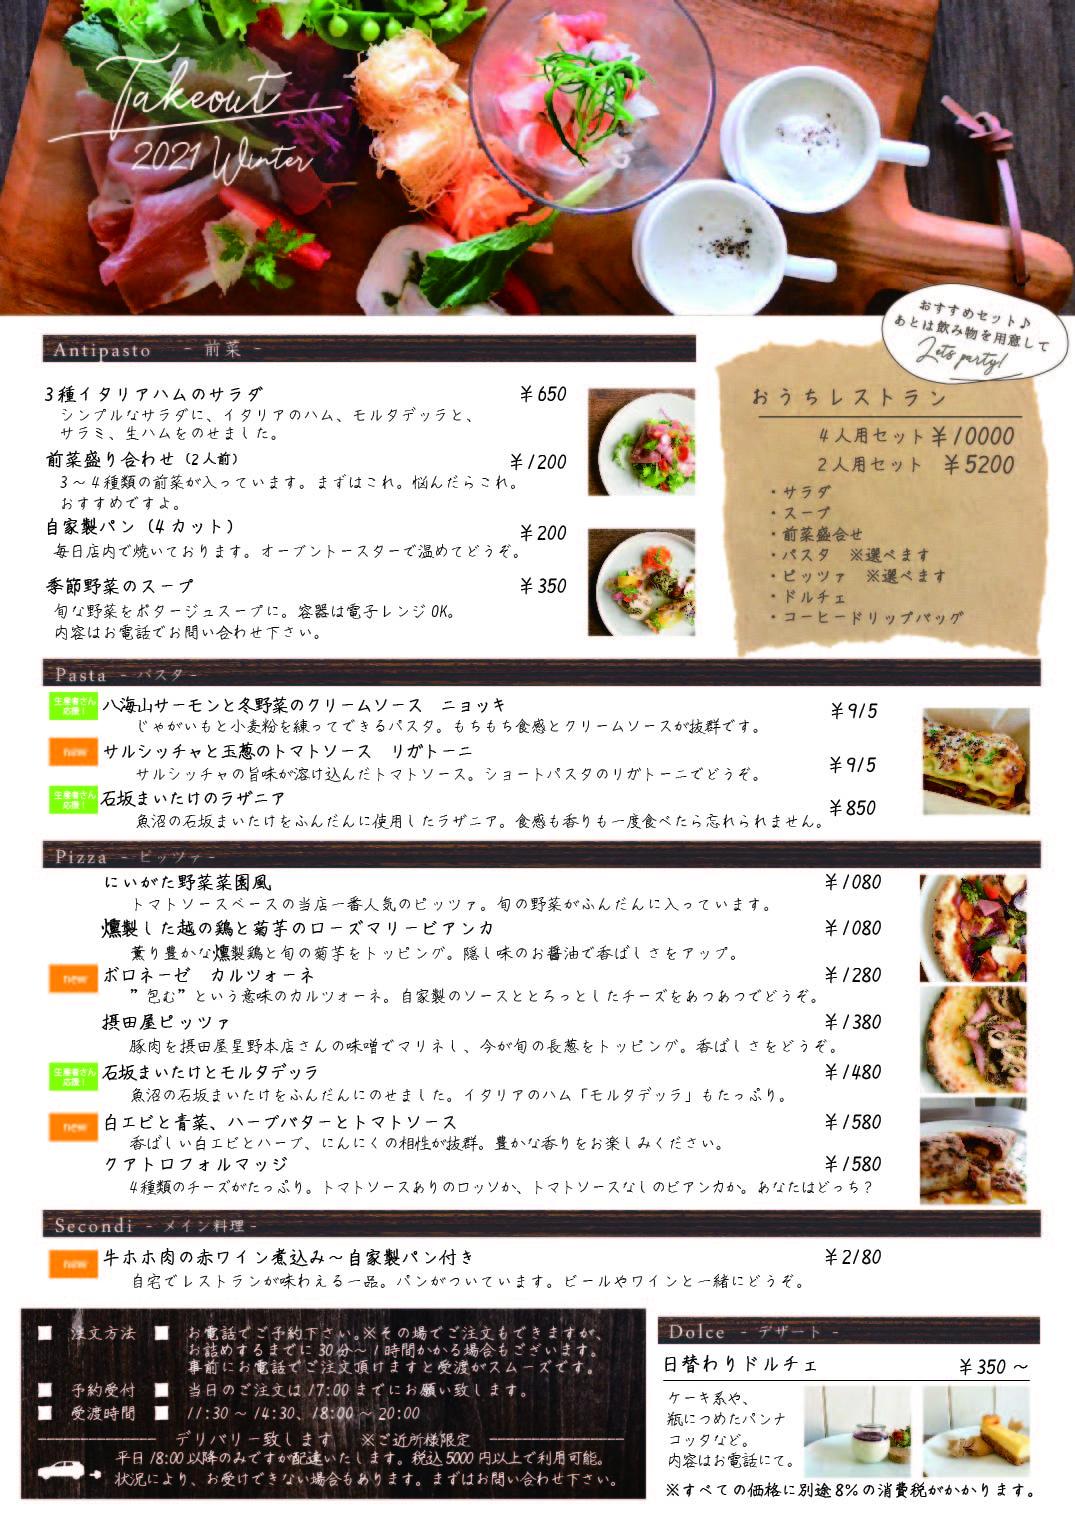 長岡TakeOutMenu202101-01